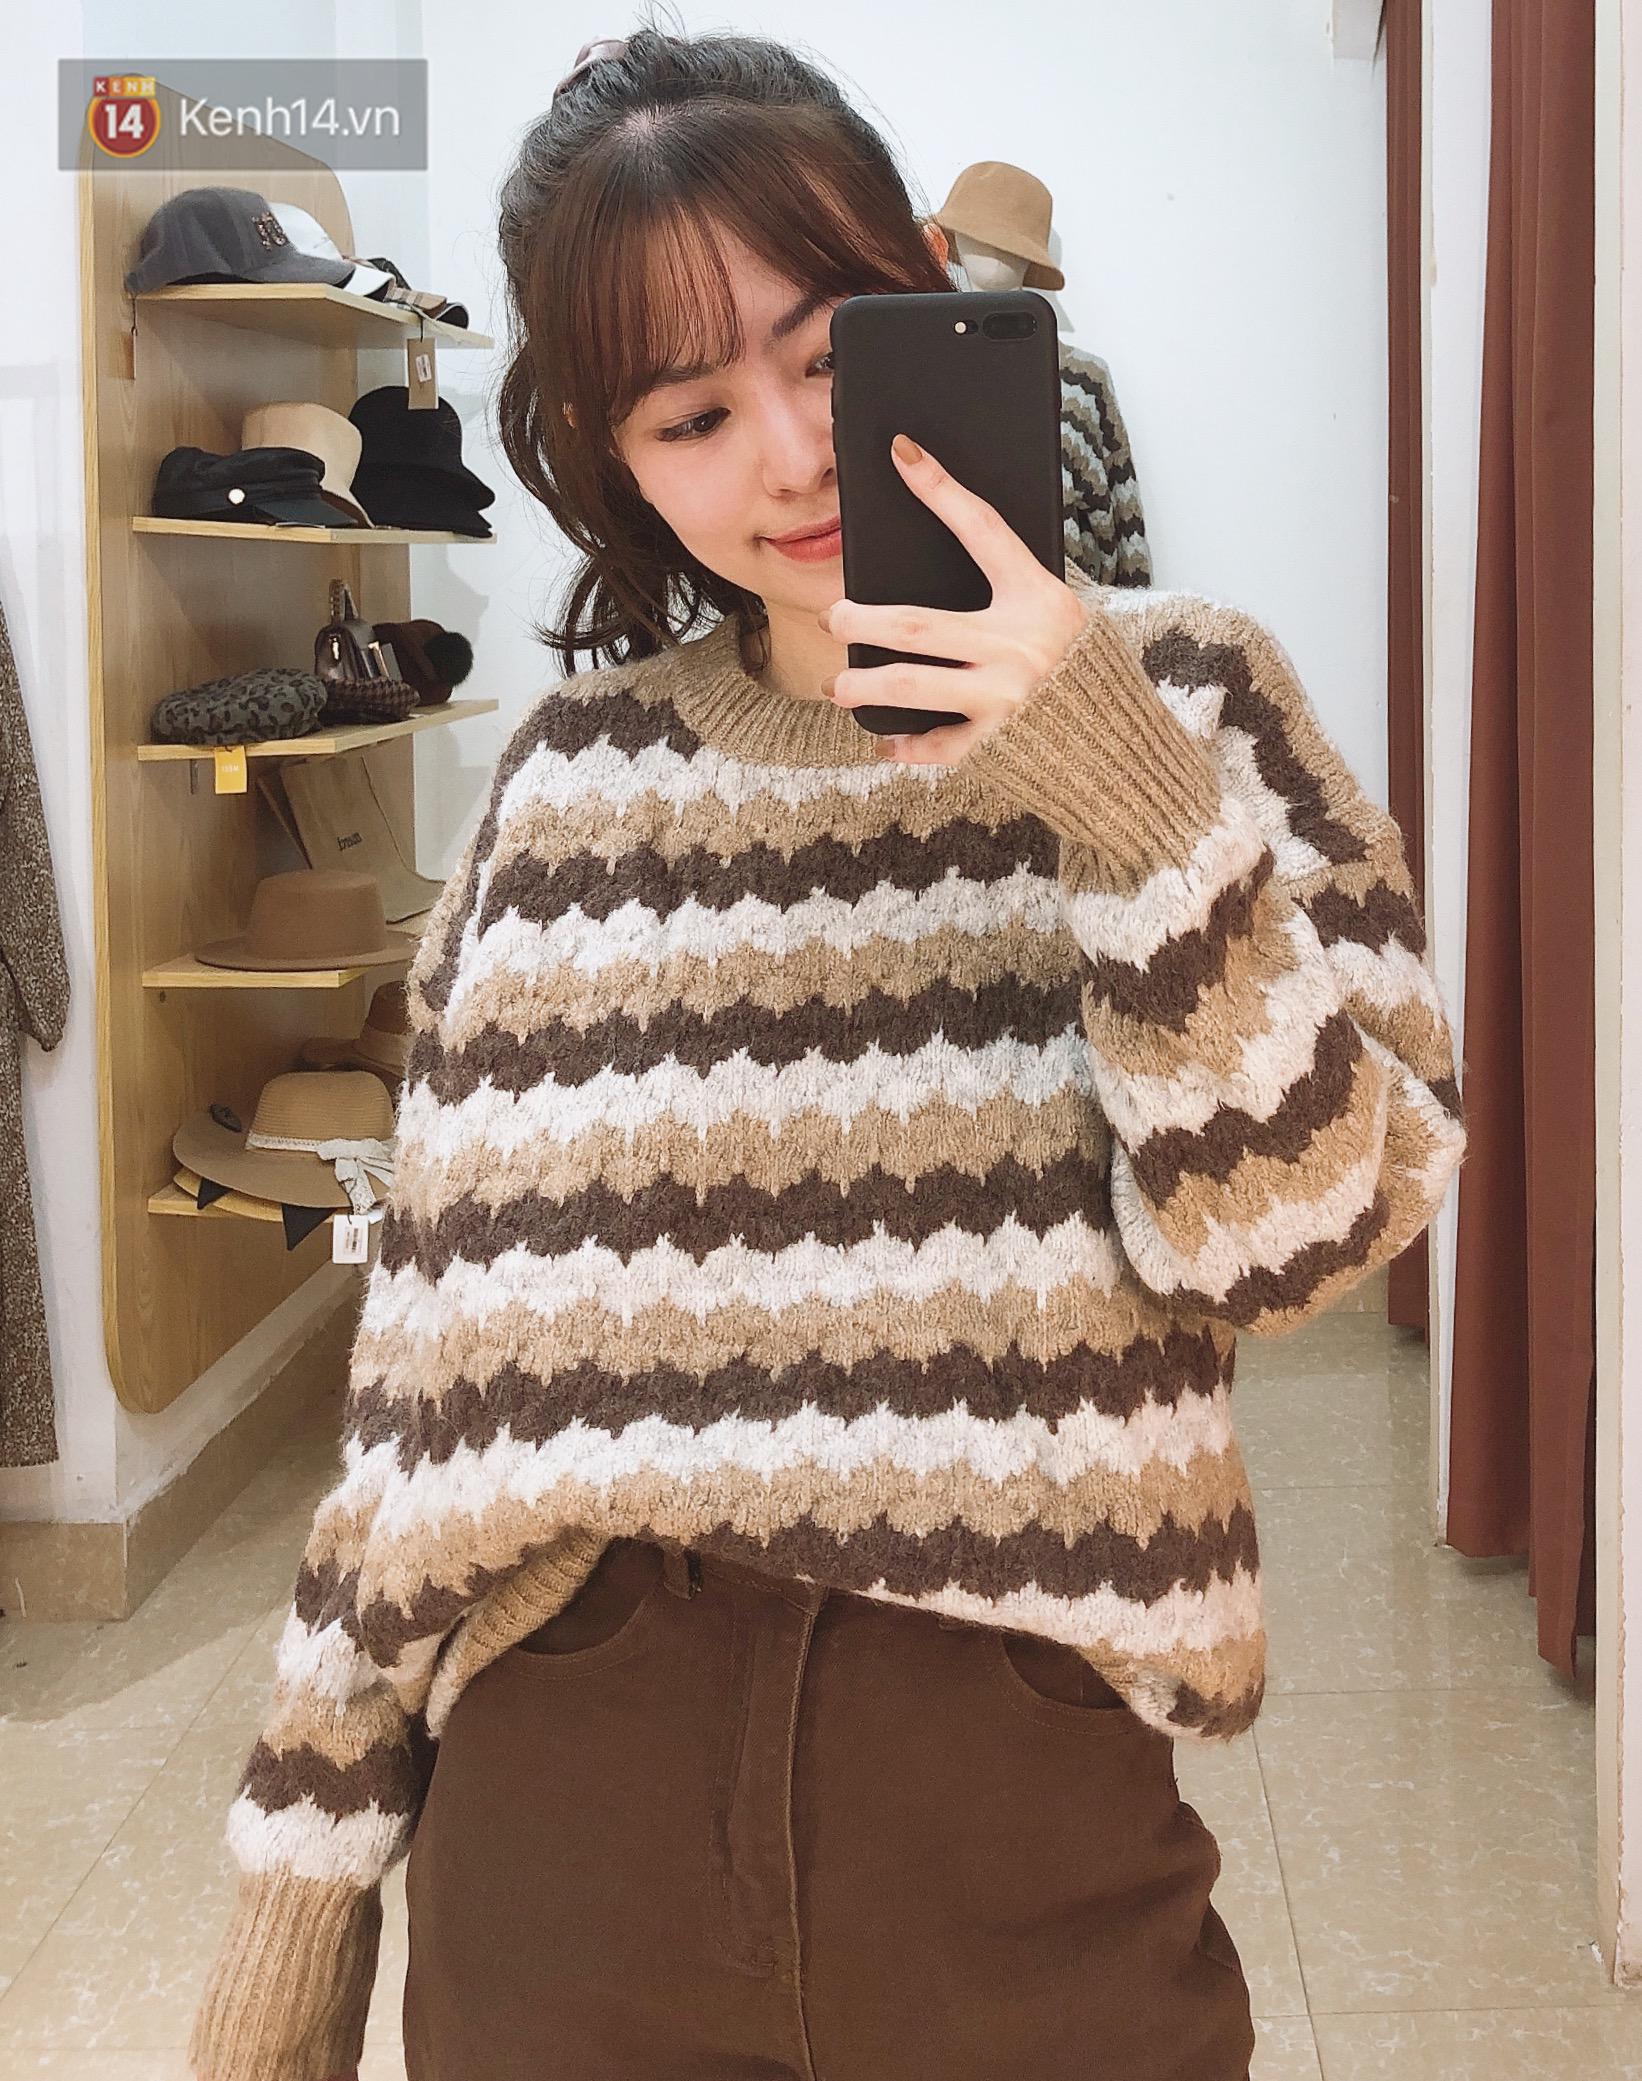 Mua áo len ở khu Chùa Láng: Chỉ từ 280K đã sắm được áo vừa xinh vừa ấm - Ảnh 7.